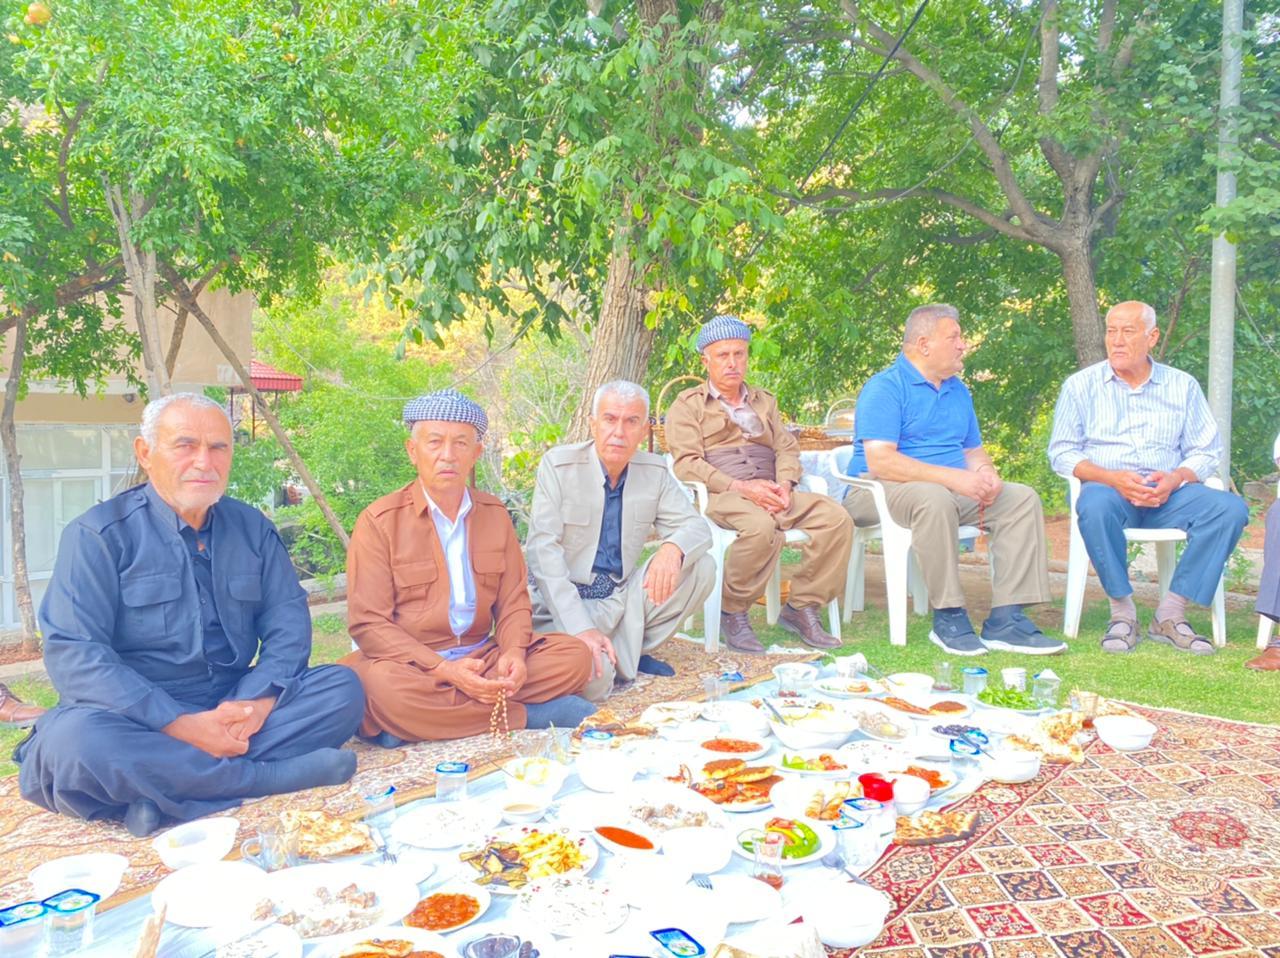 Border villages' residents enjoy Eid despite security turmoils